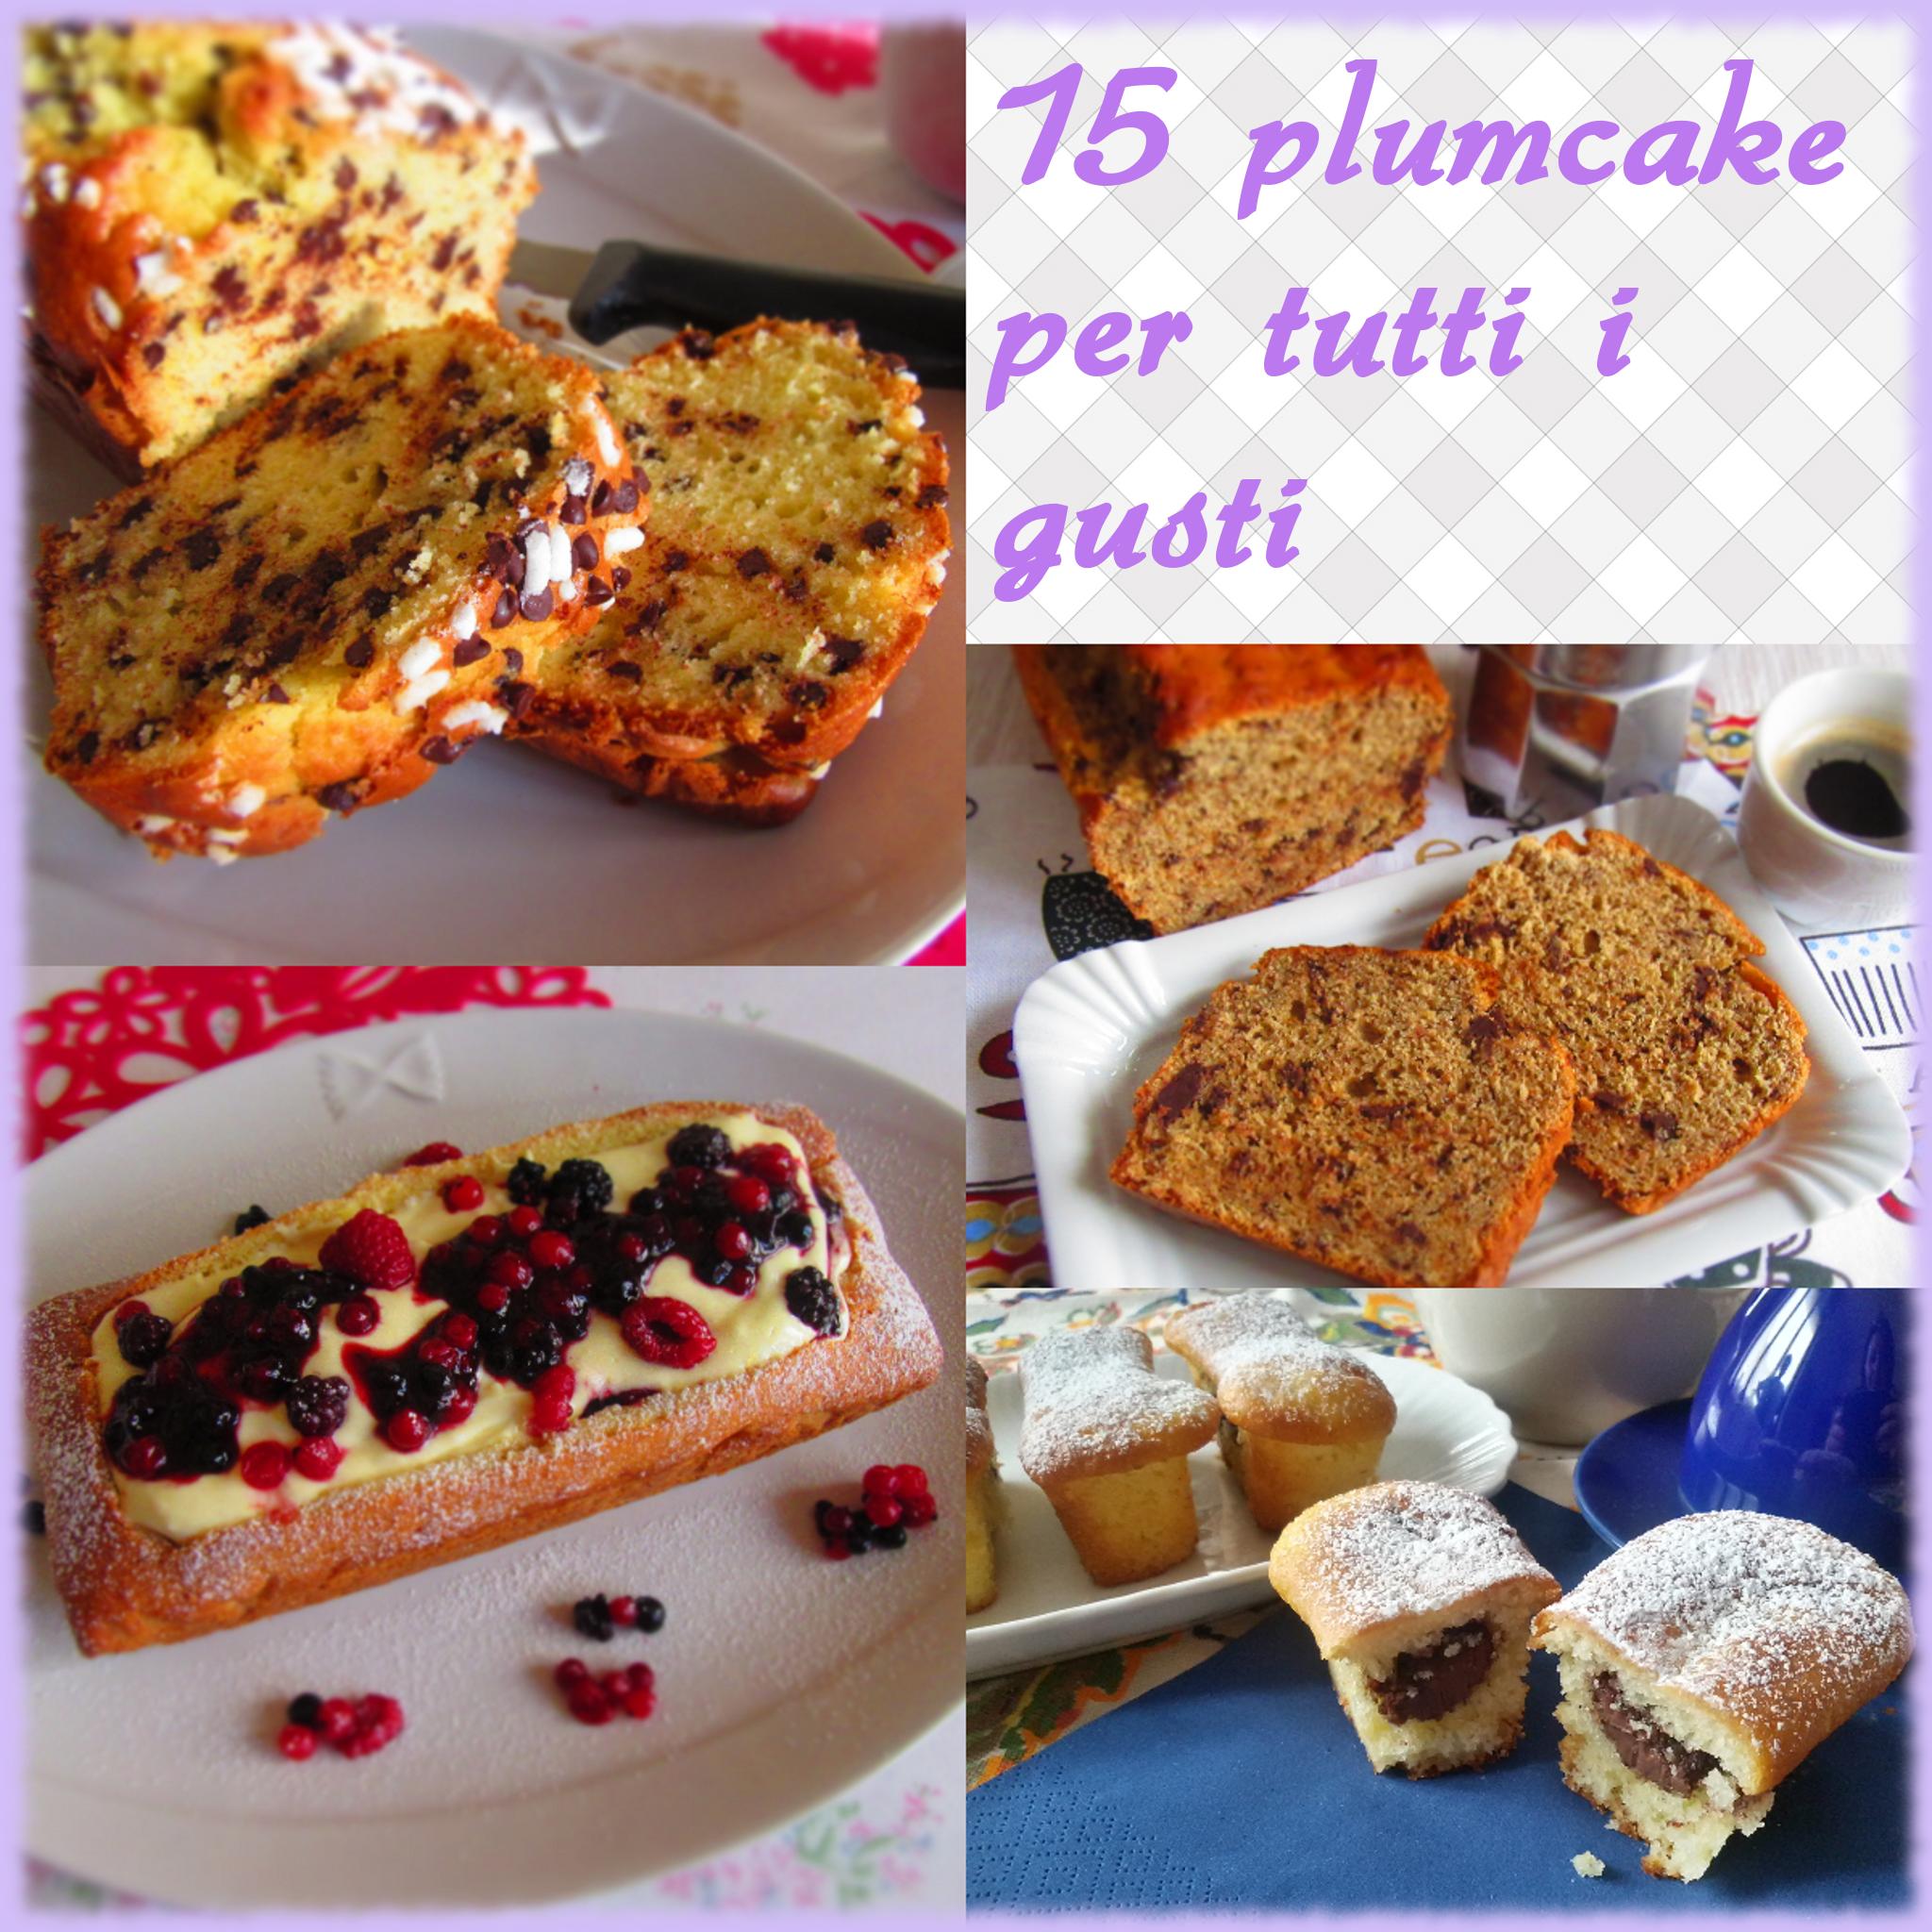 15 plumcake per tutti i gusti